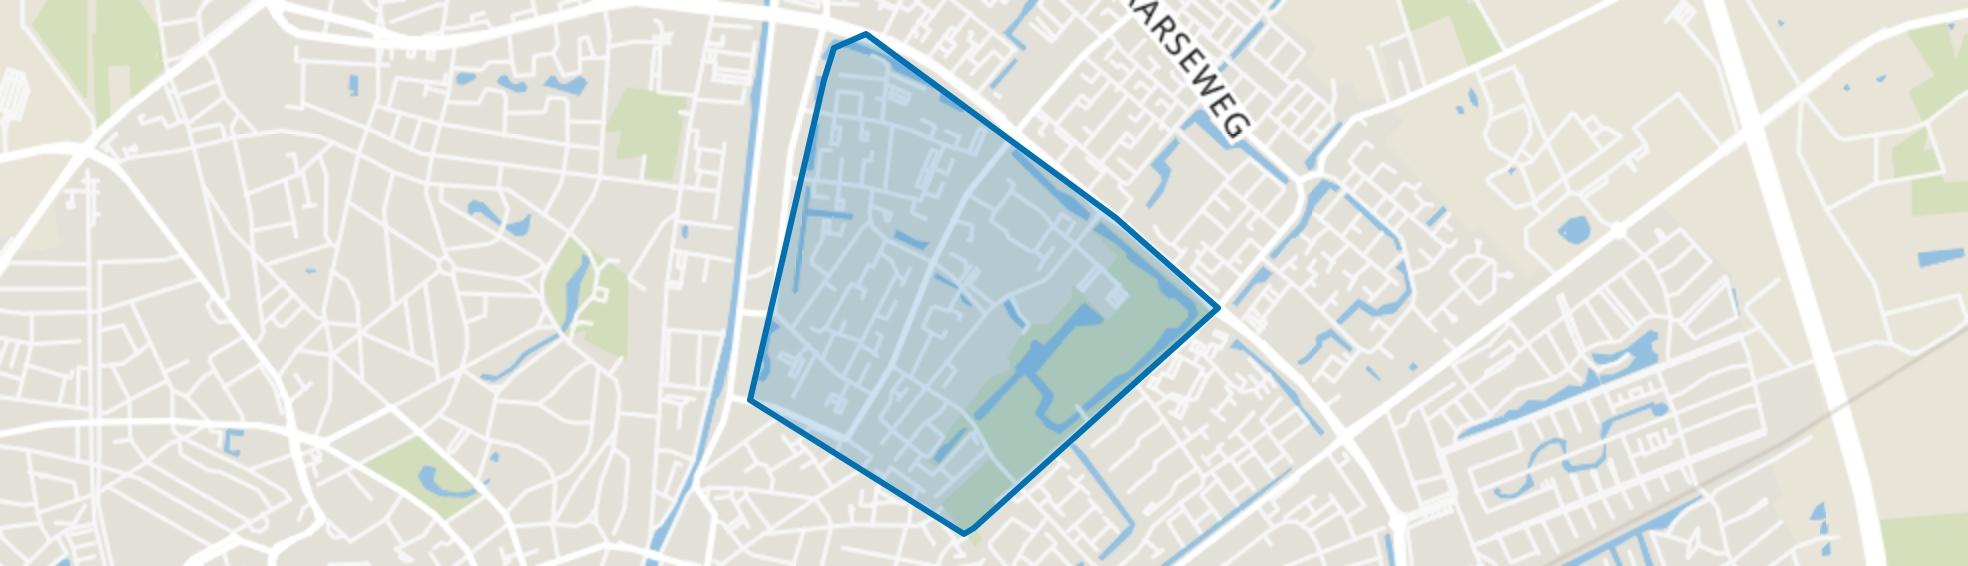 Sluisoord, Apeldoorn map